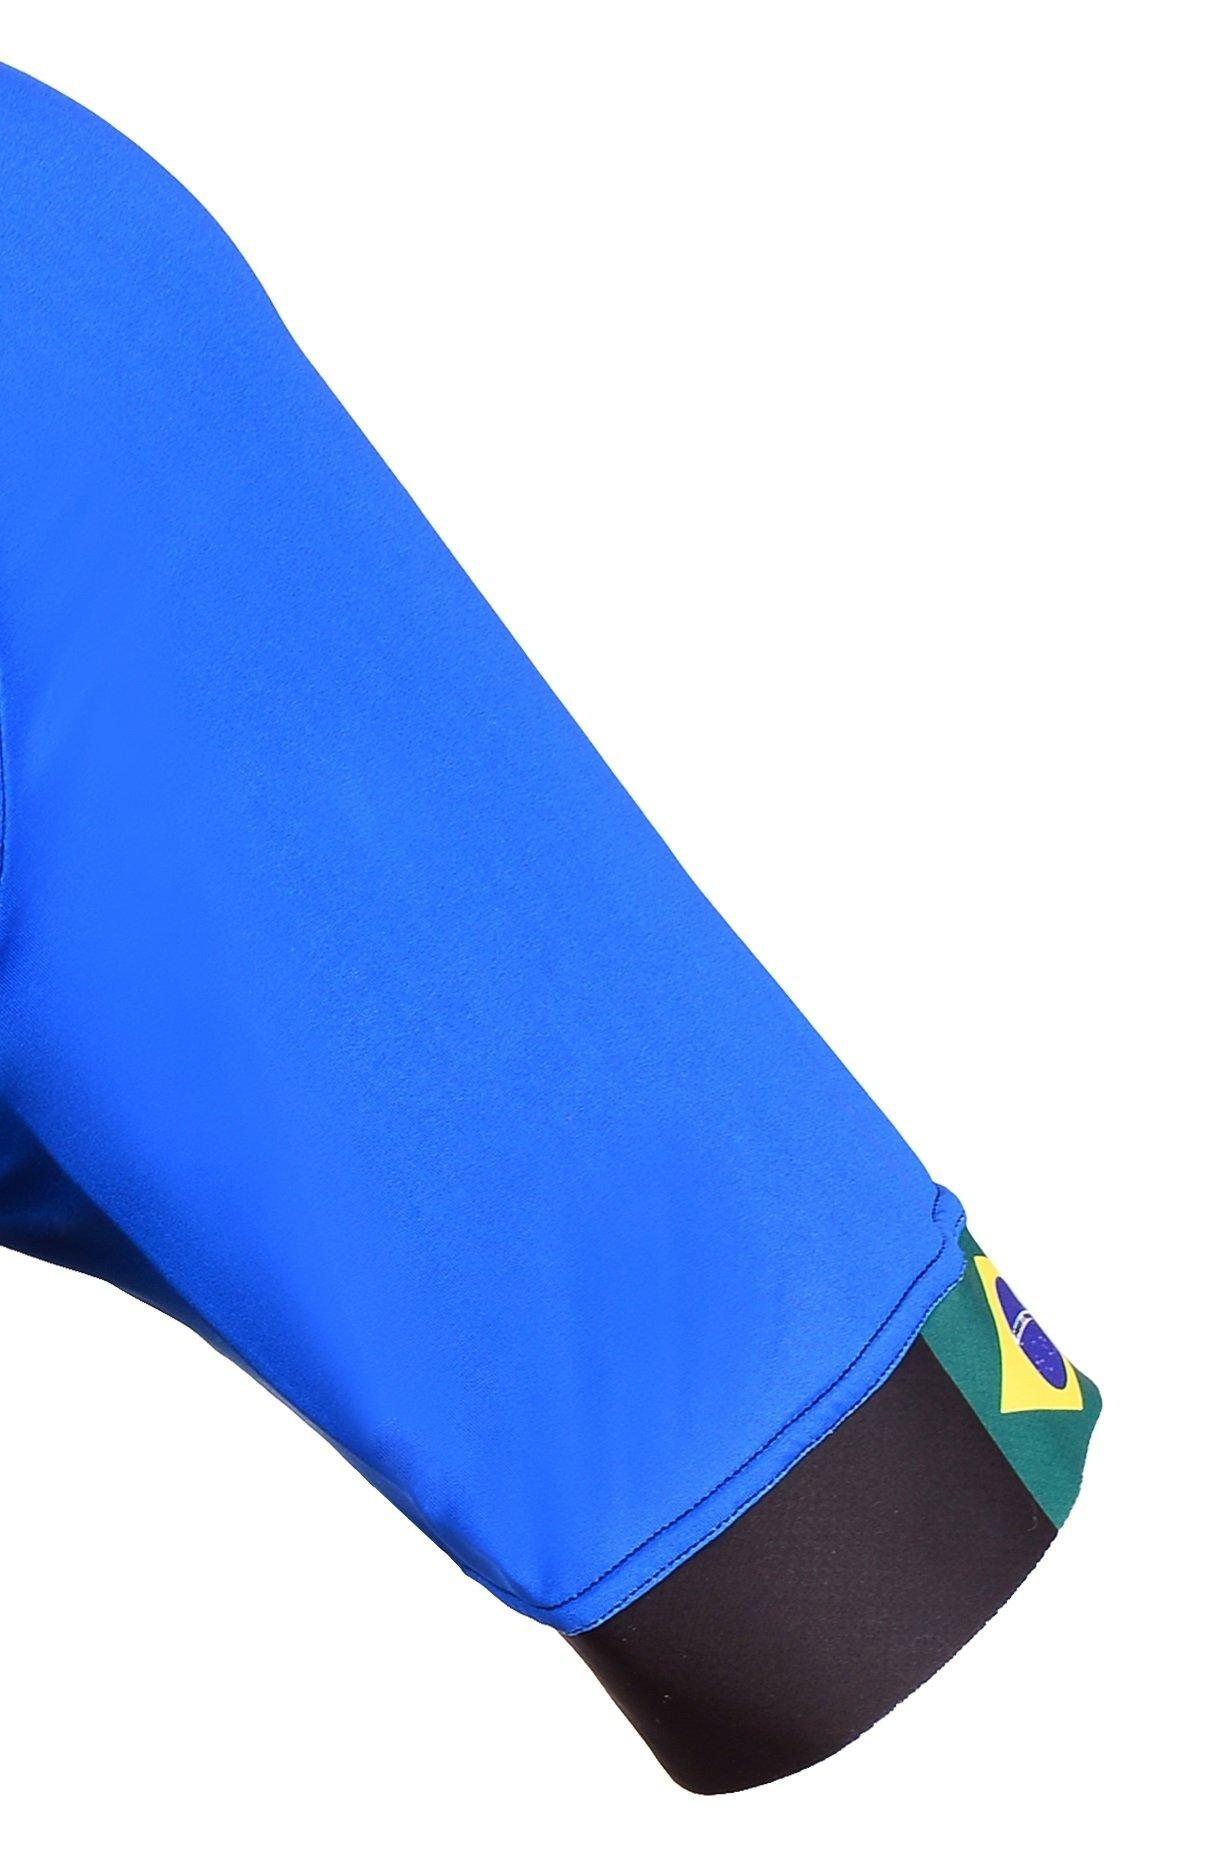 Camisa de ciclismo Italy Bike Tour - manga direita